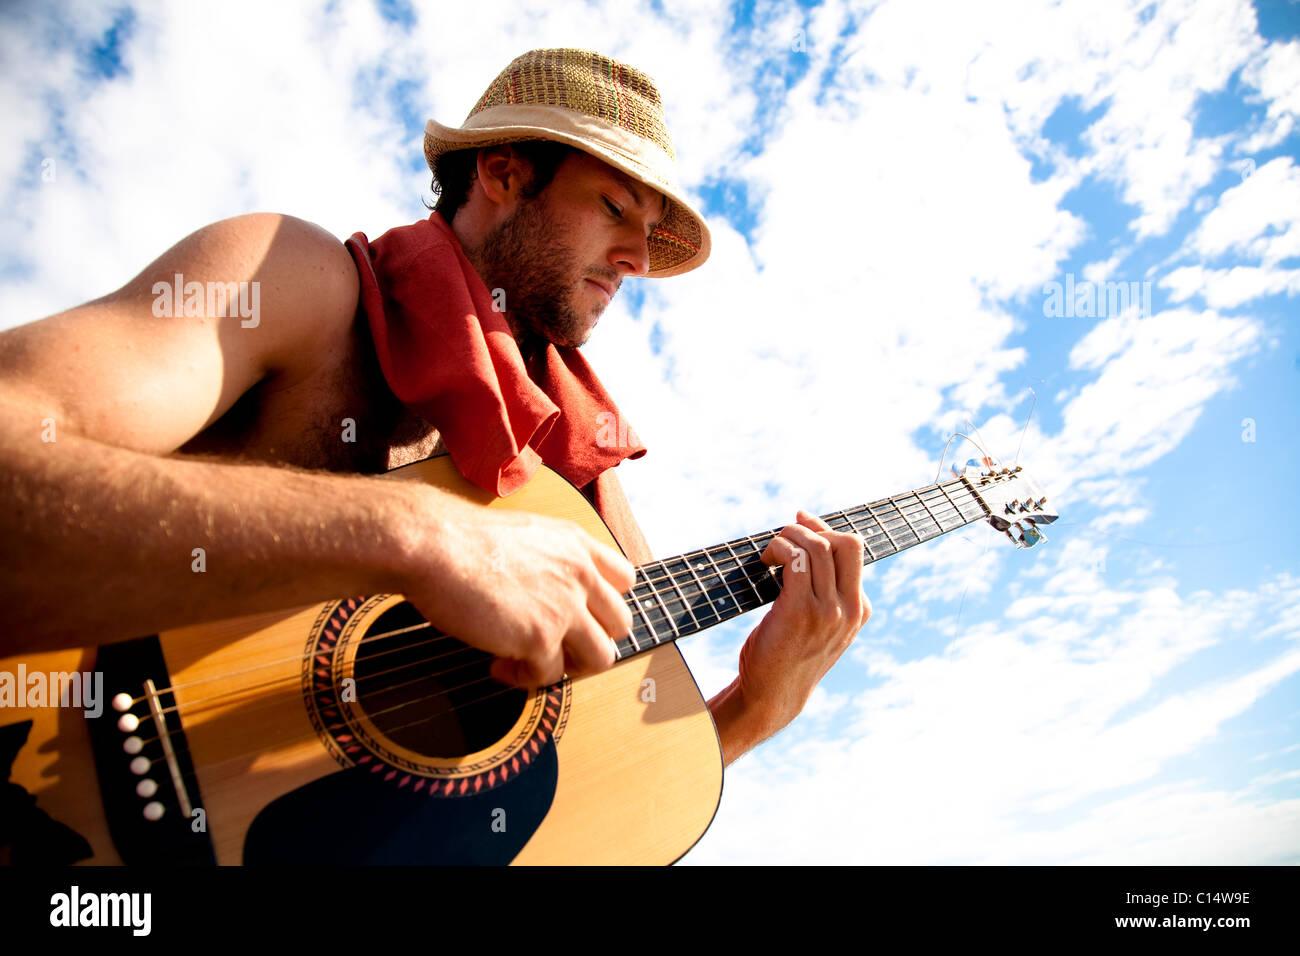 Un jeune homme joue de la guitare alors que sur un bateau de pêche au large de la côte de Malakati, Fidji. Photo Stock